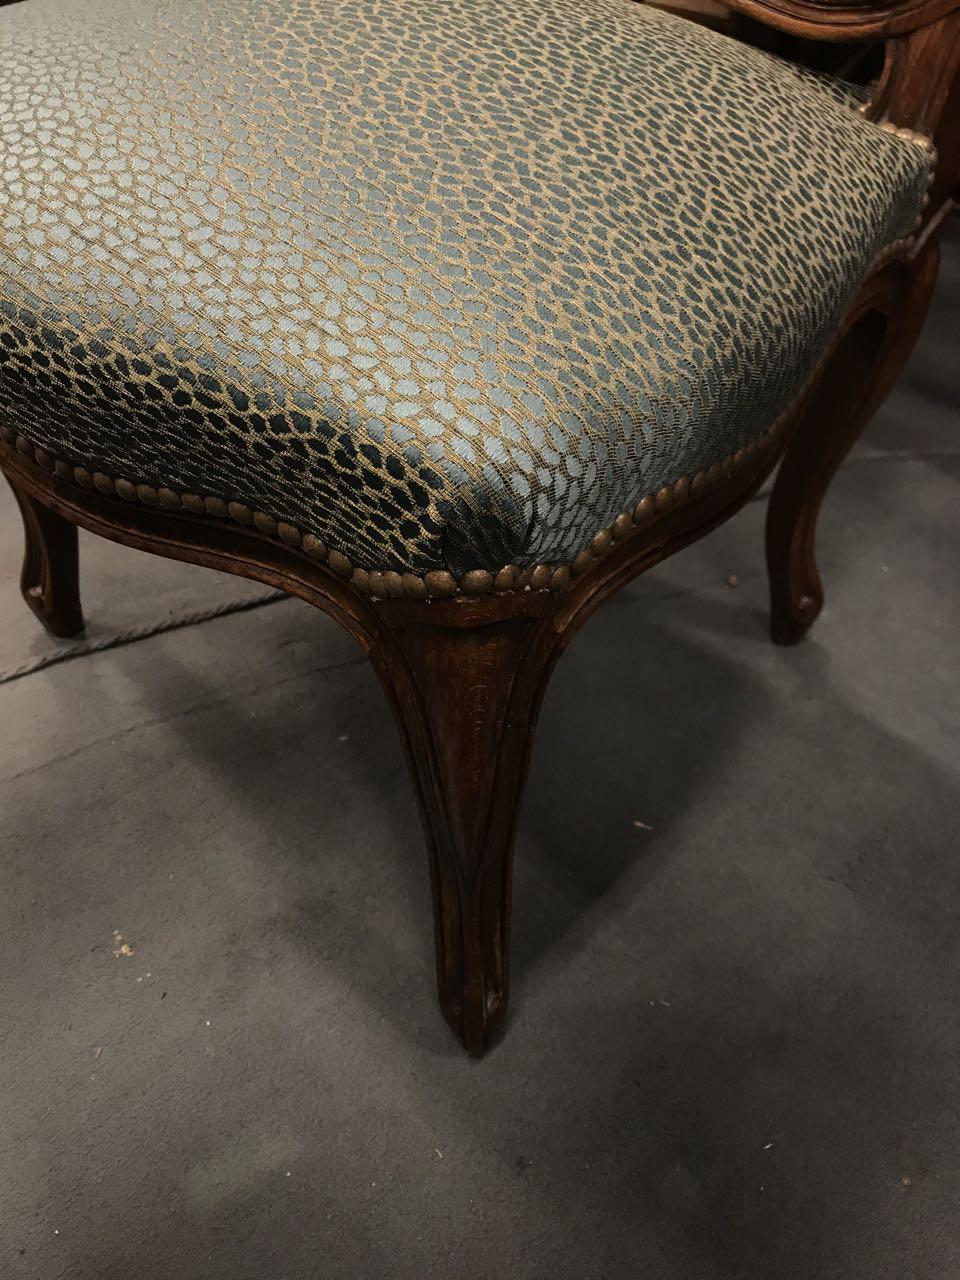 chaise de style Louis XV 6Atelier Patrice Bricout EPV Marcq en Baroeul | Atelier Patrice Bricout